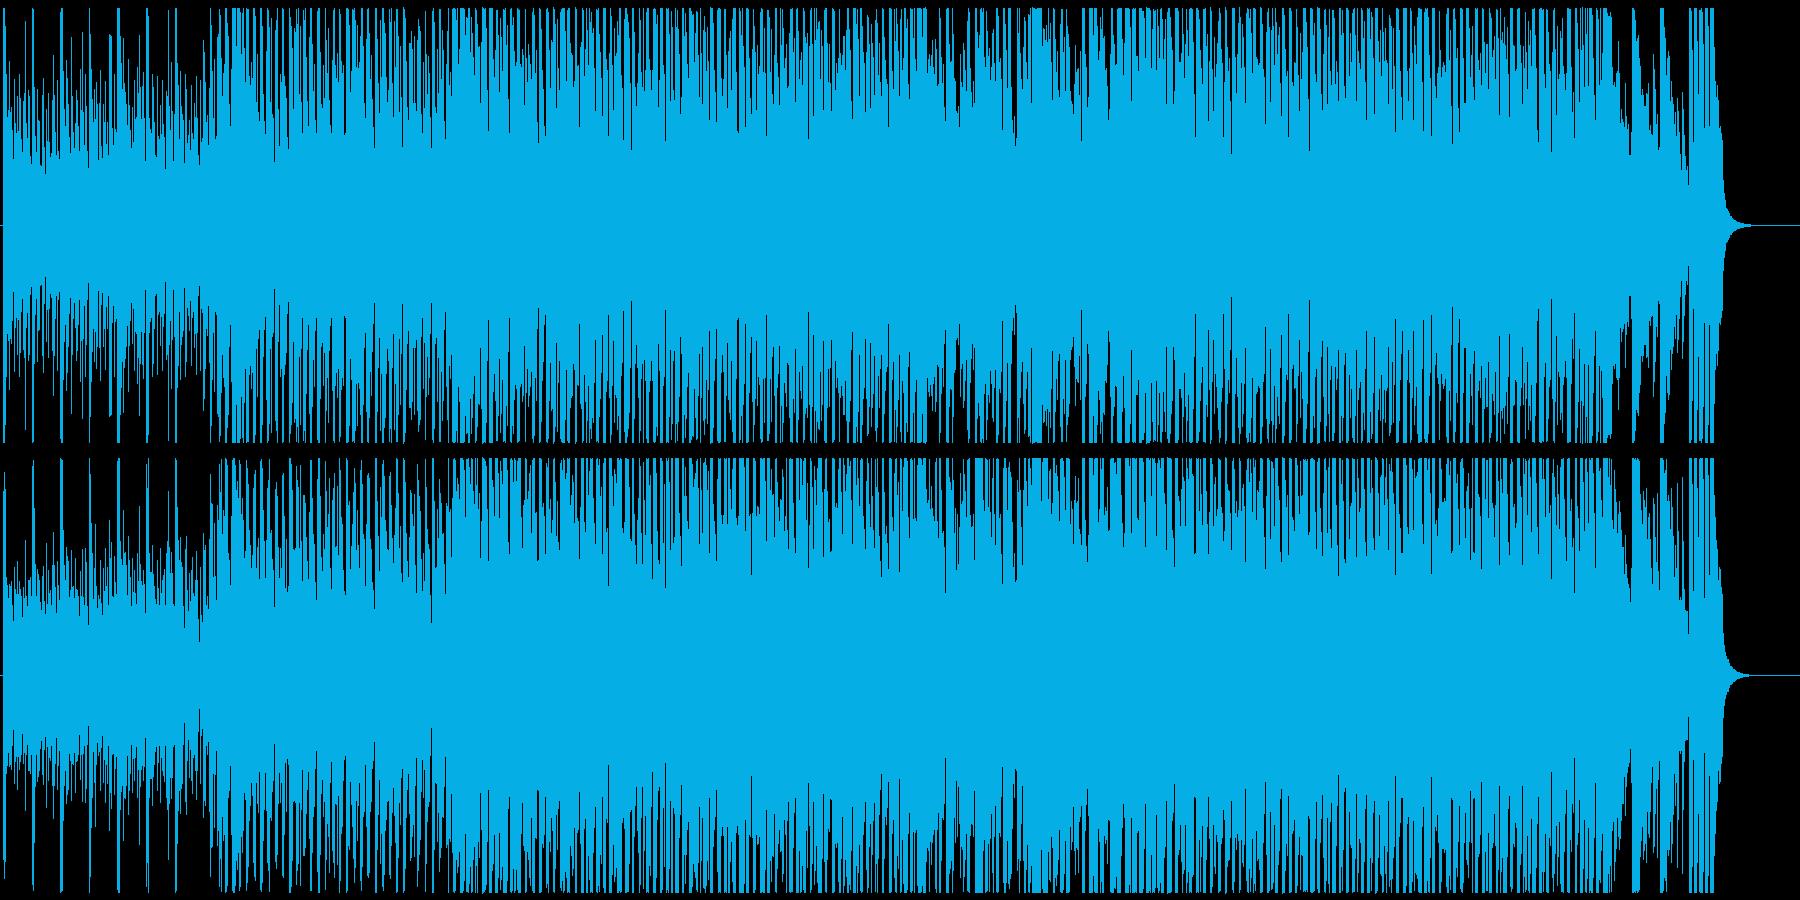 夏ポップ 爽やかなアップビートの再生済みの波形